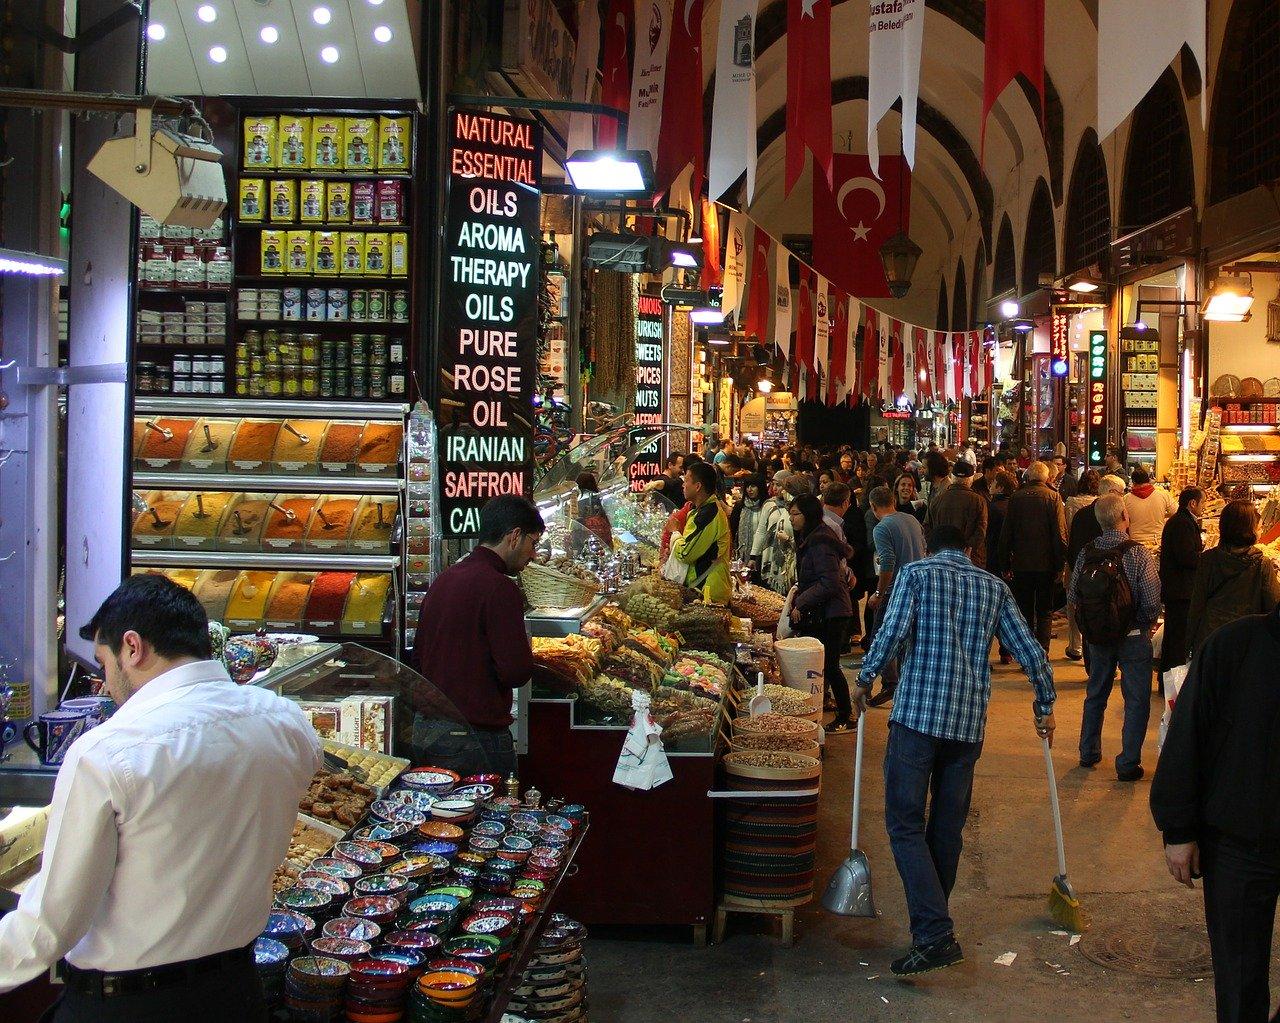 Kapali čaršiju u Istanbulu dnevno poseti između 250.000 i 400.000 posetilaca dnevno